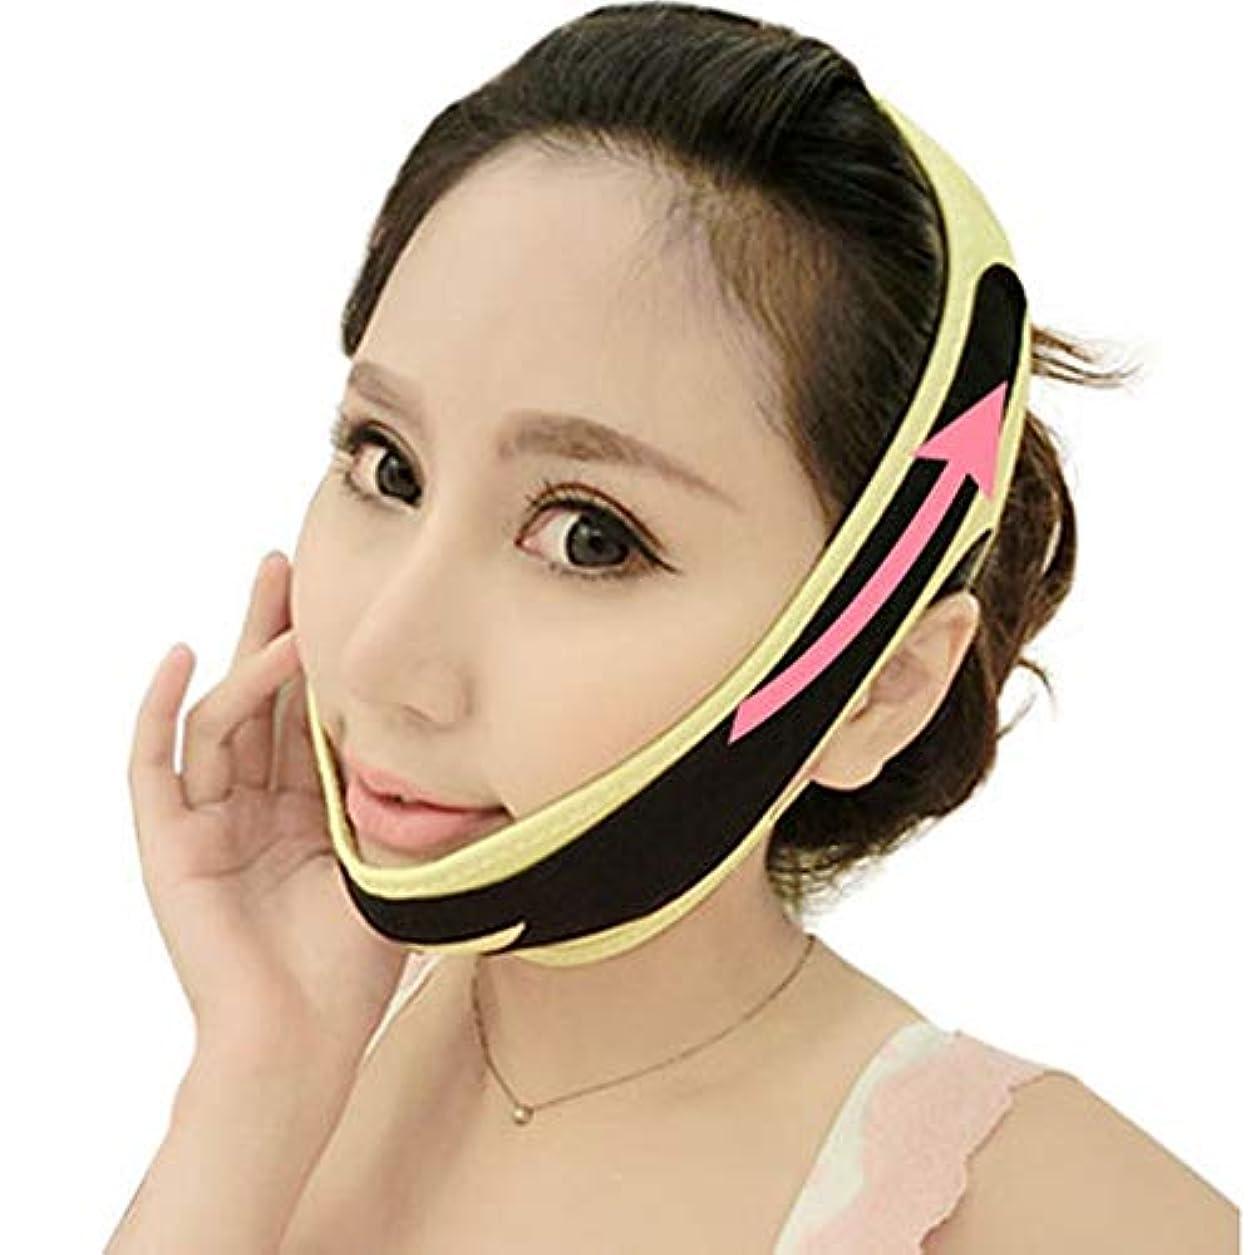 感じ構造明るいフェイスリフティング包帯、顔の矯正V字型肌の弾力性を高めます 二重あごを軽減睡眠の質を向上させます (Color : Yellow)